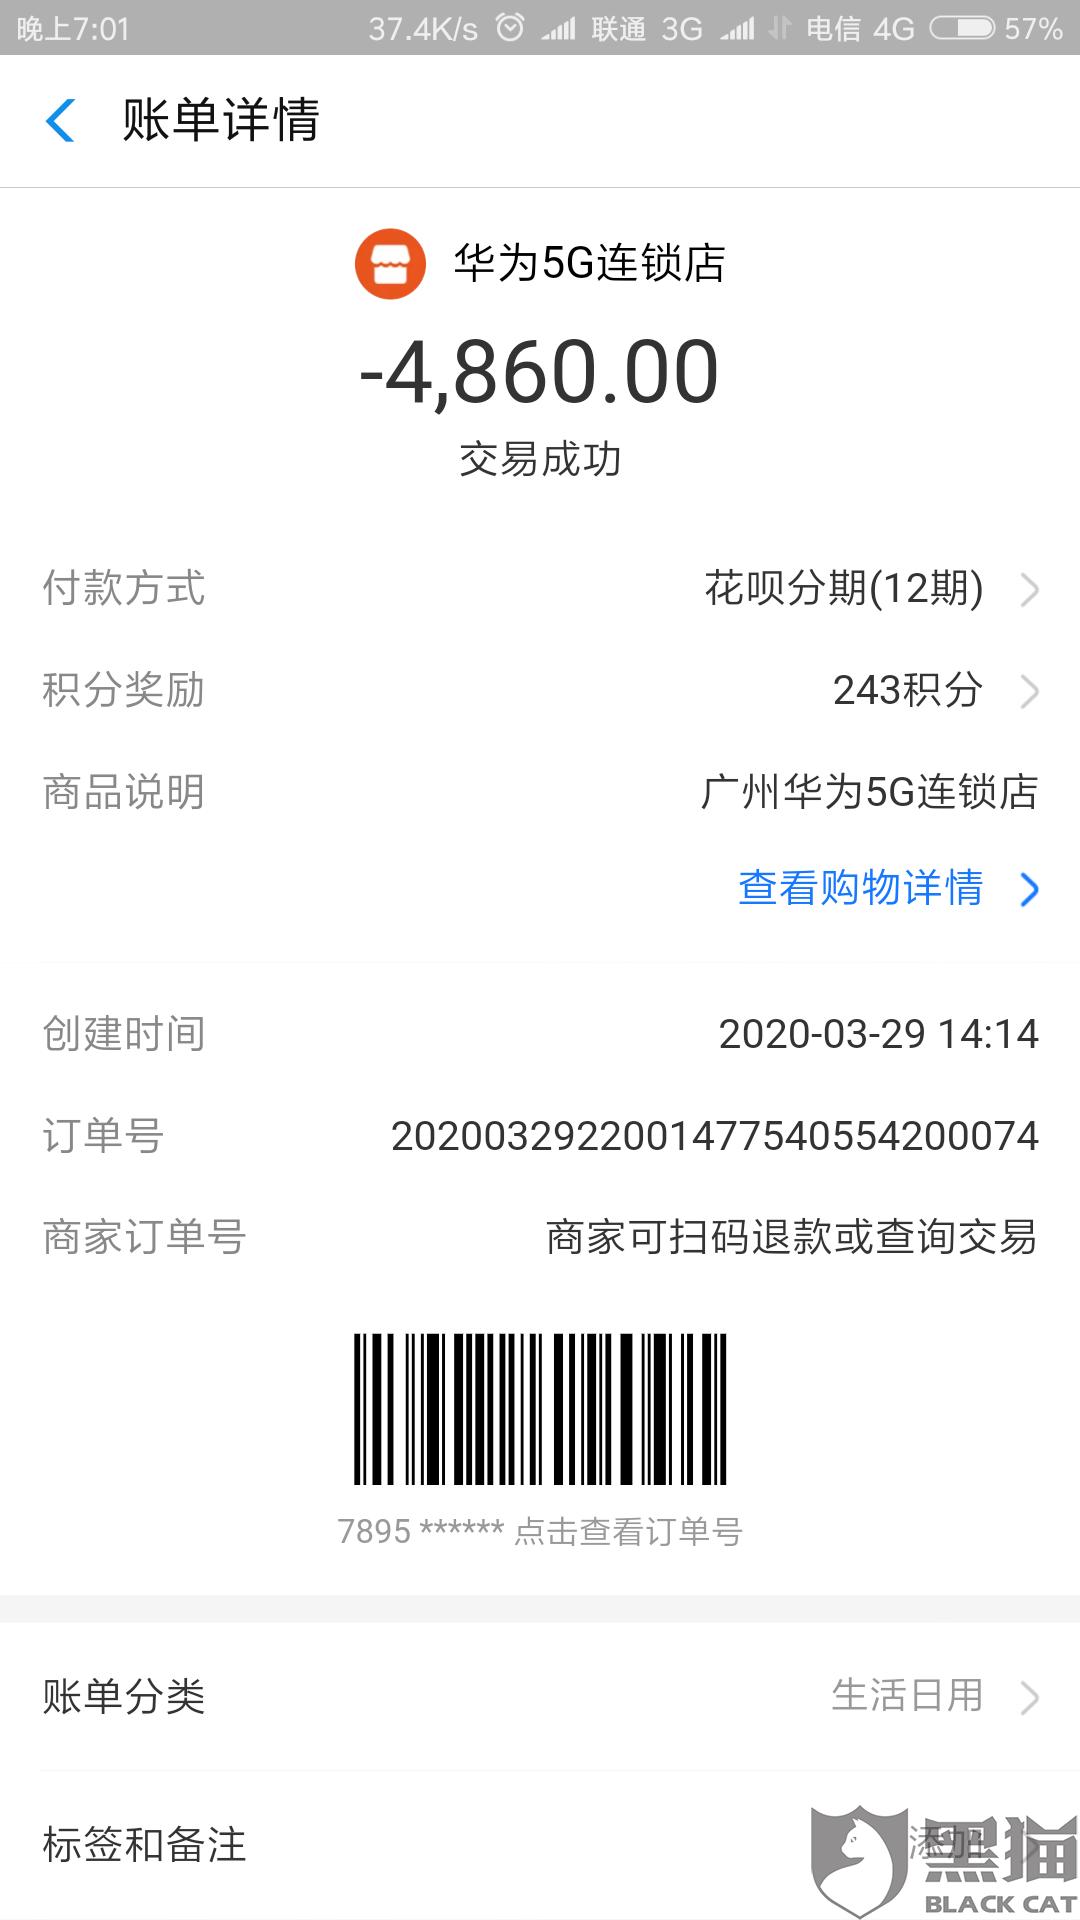 黑猫投诉:广州华为5G连锁店用时6小时解决了消费者投诉